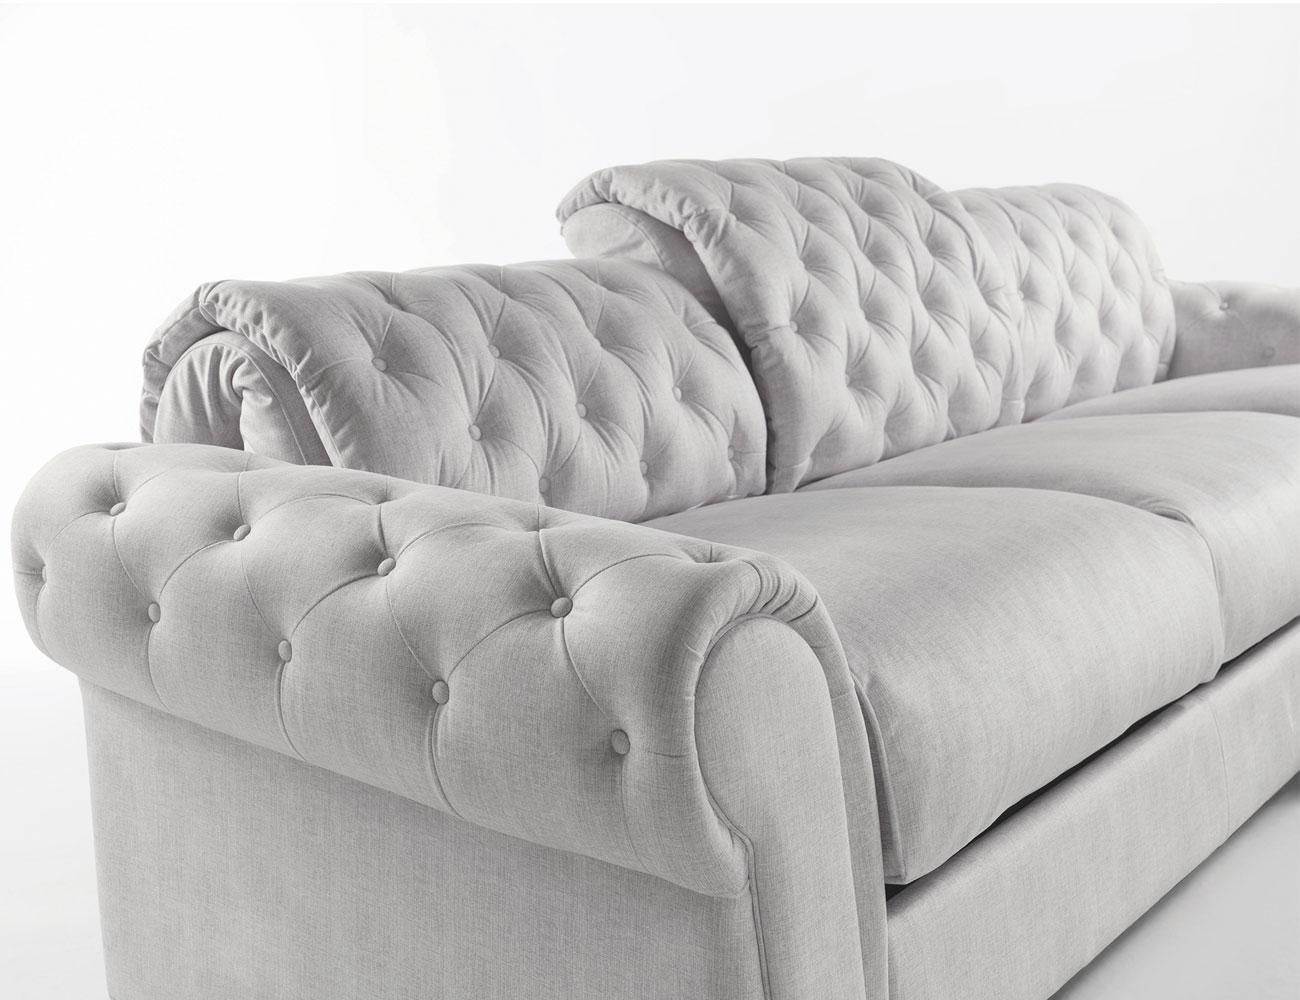 Sofa chaiselongue gran lujo decorativo capitone blanco tela 139